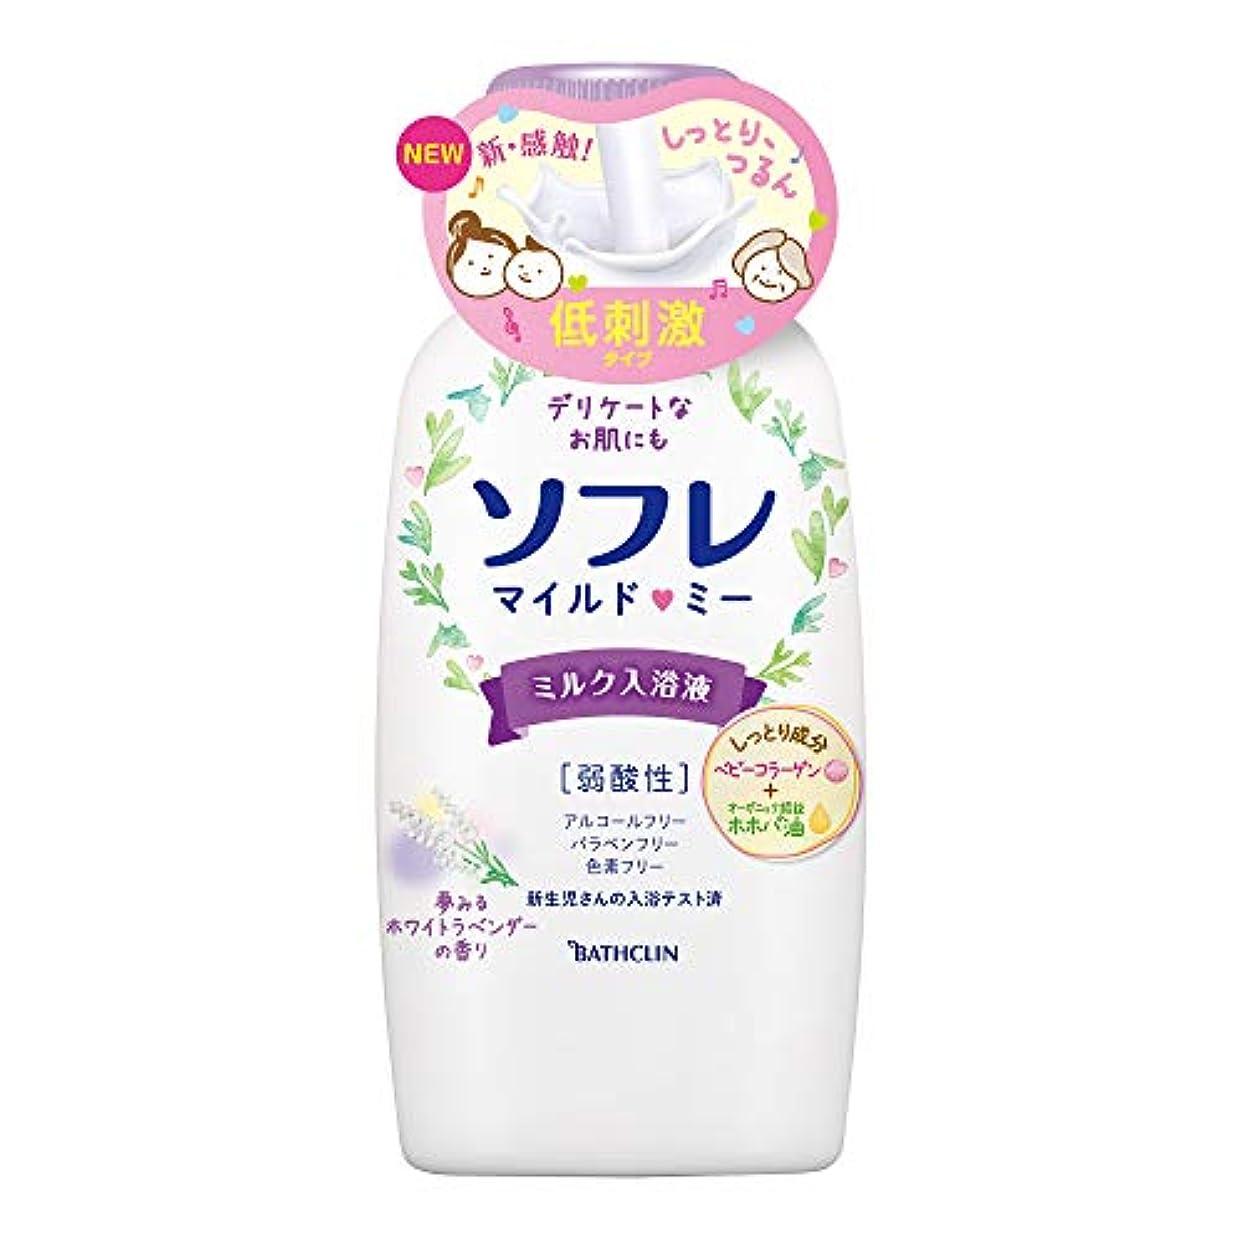 武器脇に組み合わせバスクリン ソフレ入浴液 マイルド?ミー ミルク 夢みるホワイトラベンダーの香り 本体720mL保湿 成分配合 赤ちゃんと一緒に使えます。